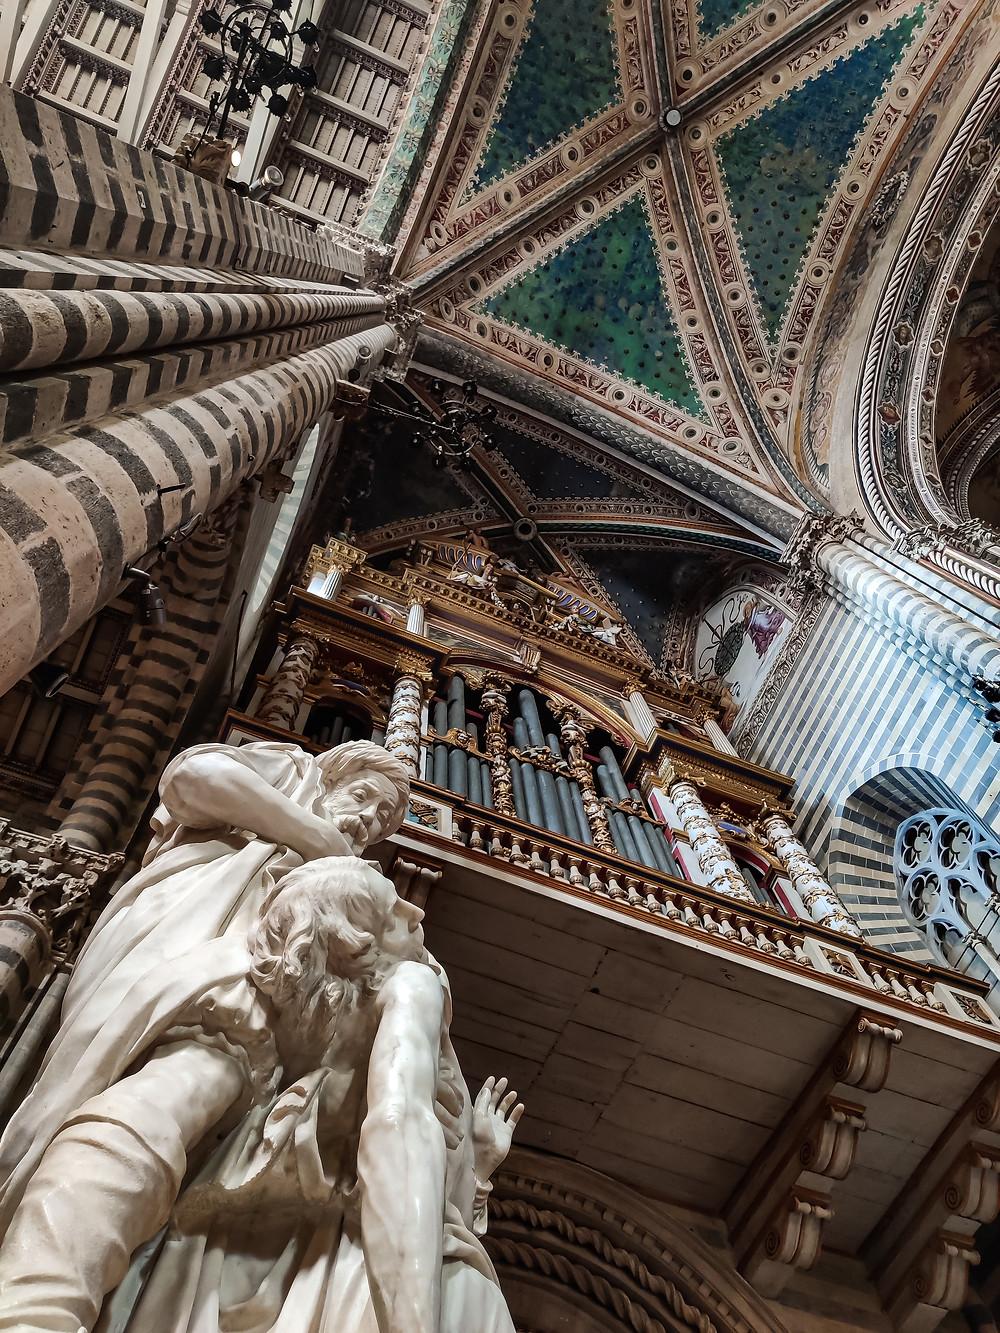 Scatto dentro al Duomo di Orvieto, proprio sotto una delle colonne più vicine all'abside. Sguardo rivolto al soffitto verde smeraldo.